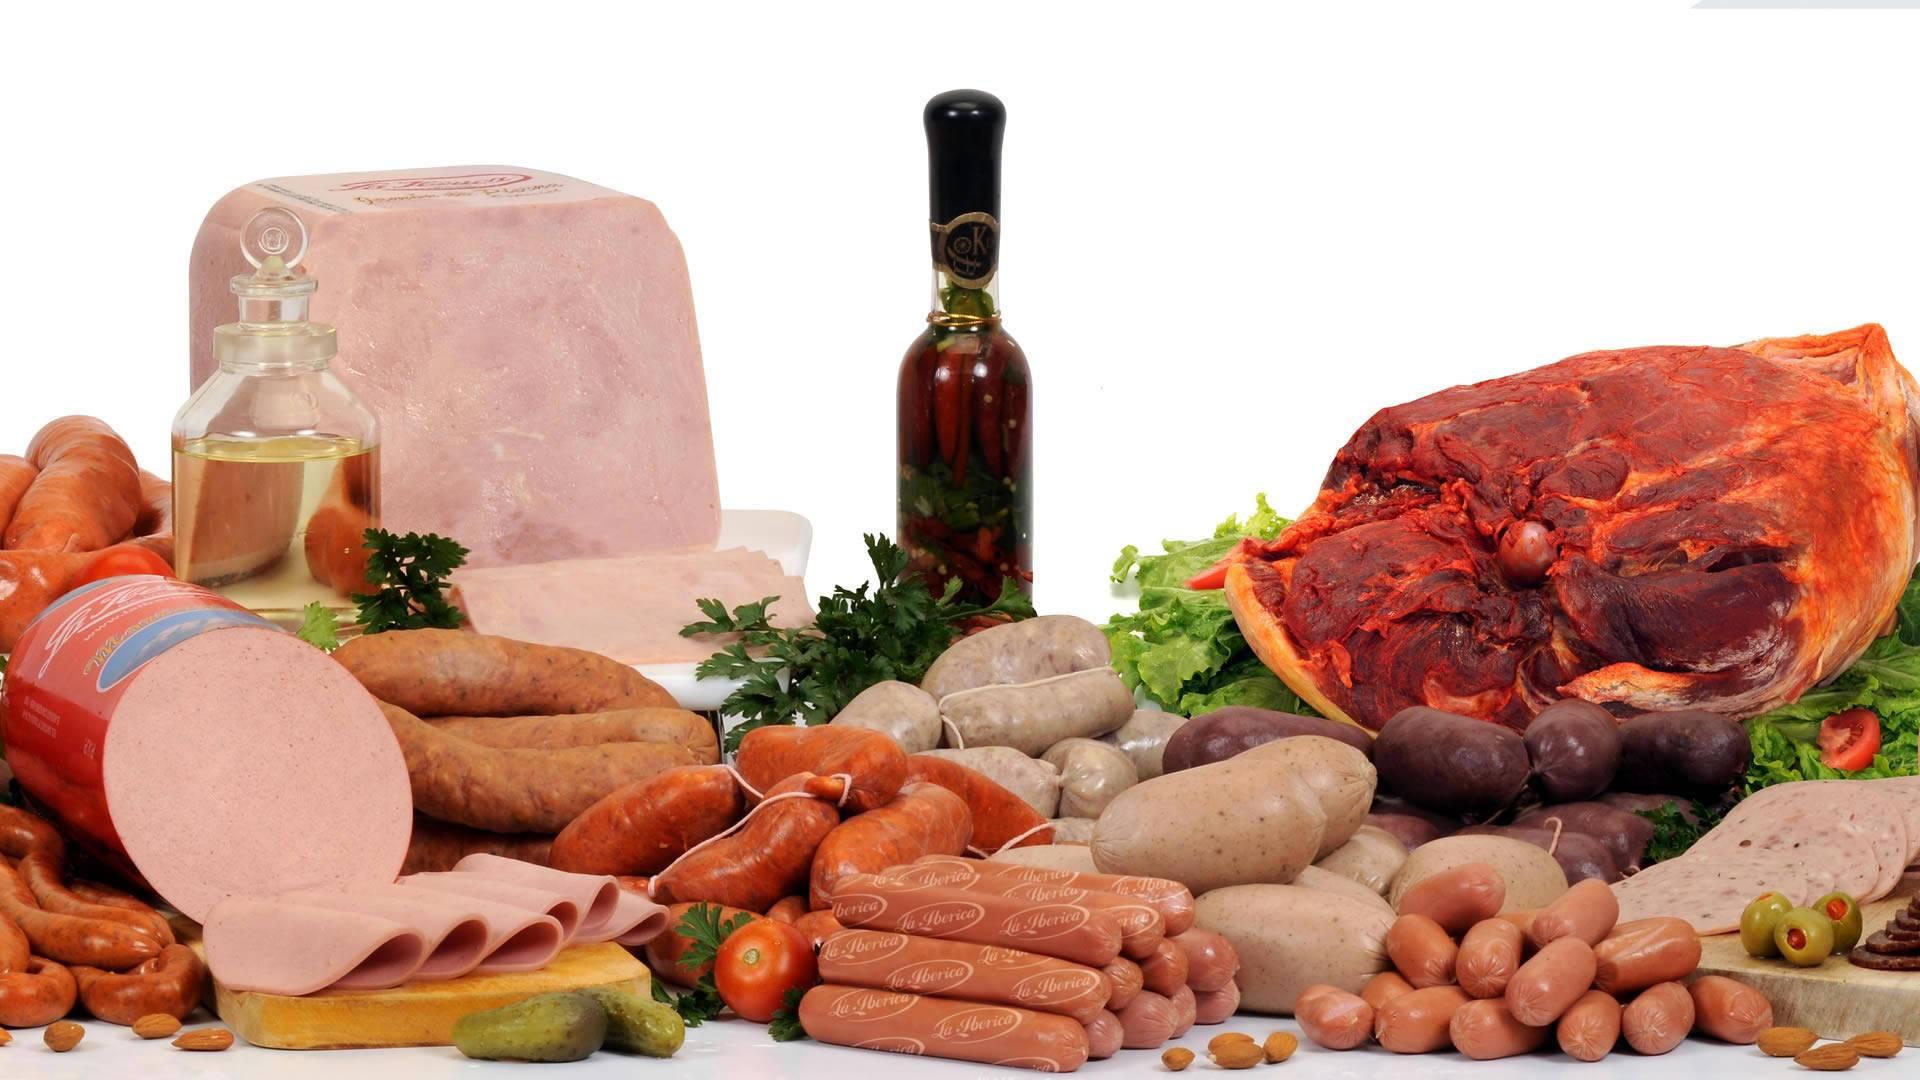 Carnes rojas y procesada pueden provocar cáncer: OMS